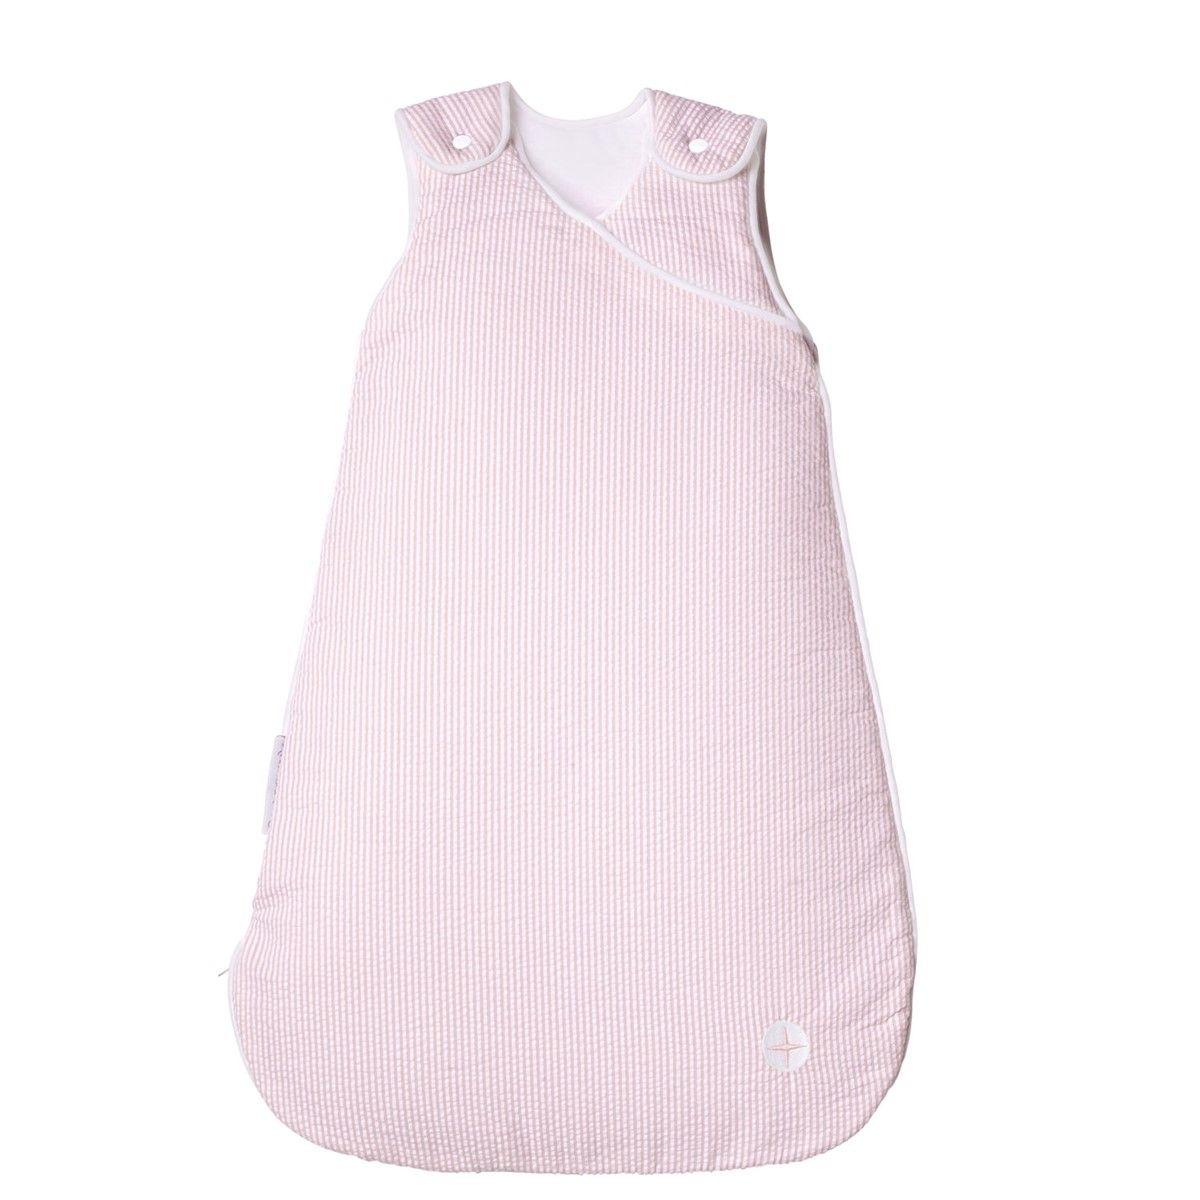 Gigoteuse rose pale coton pour toute lannee 17 et 21 degrés